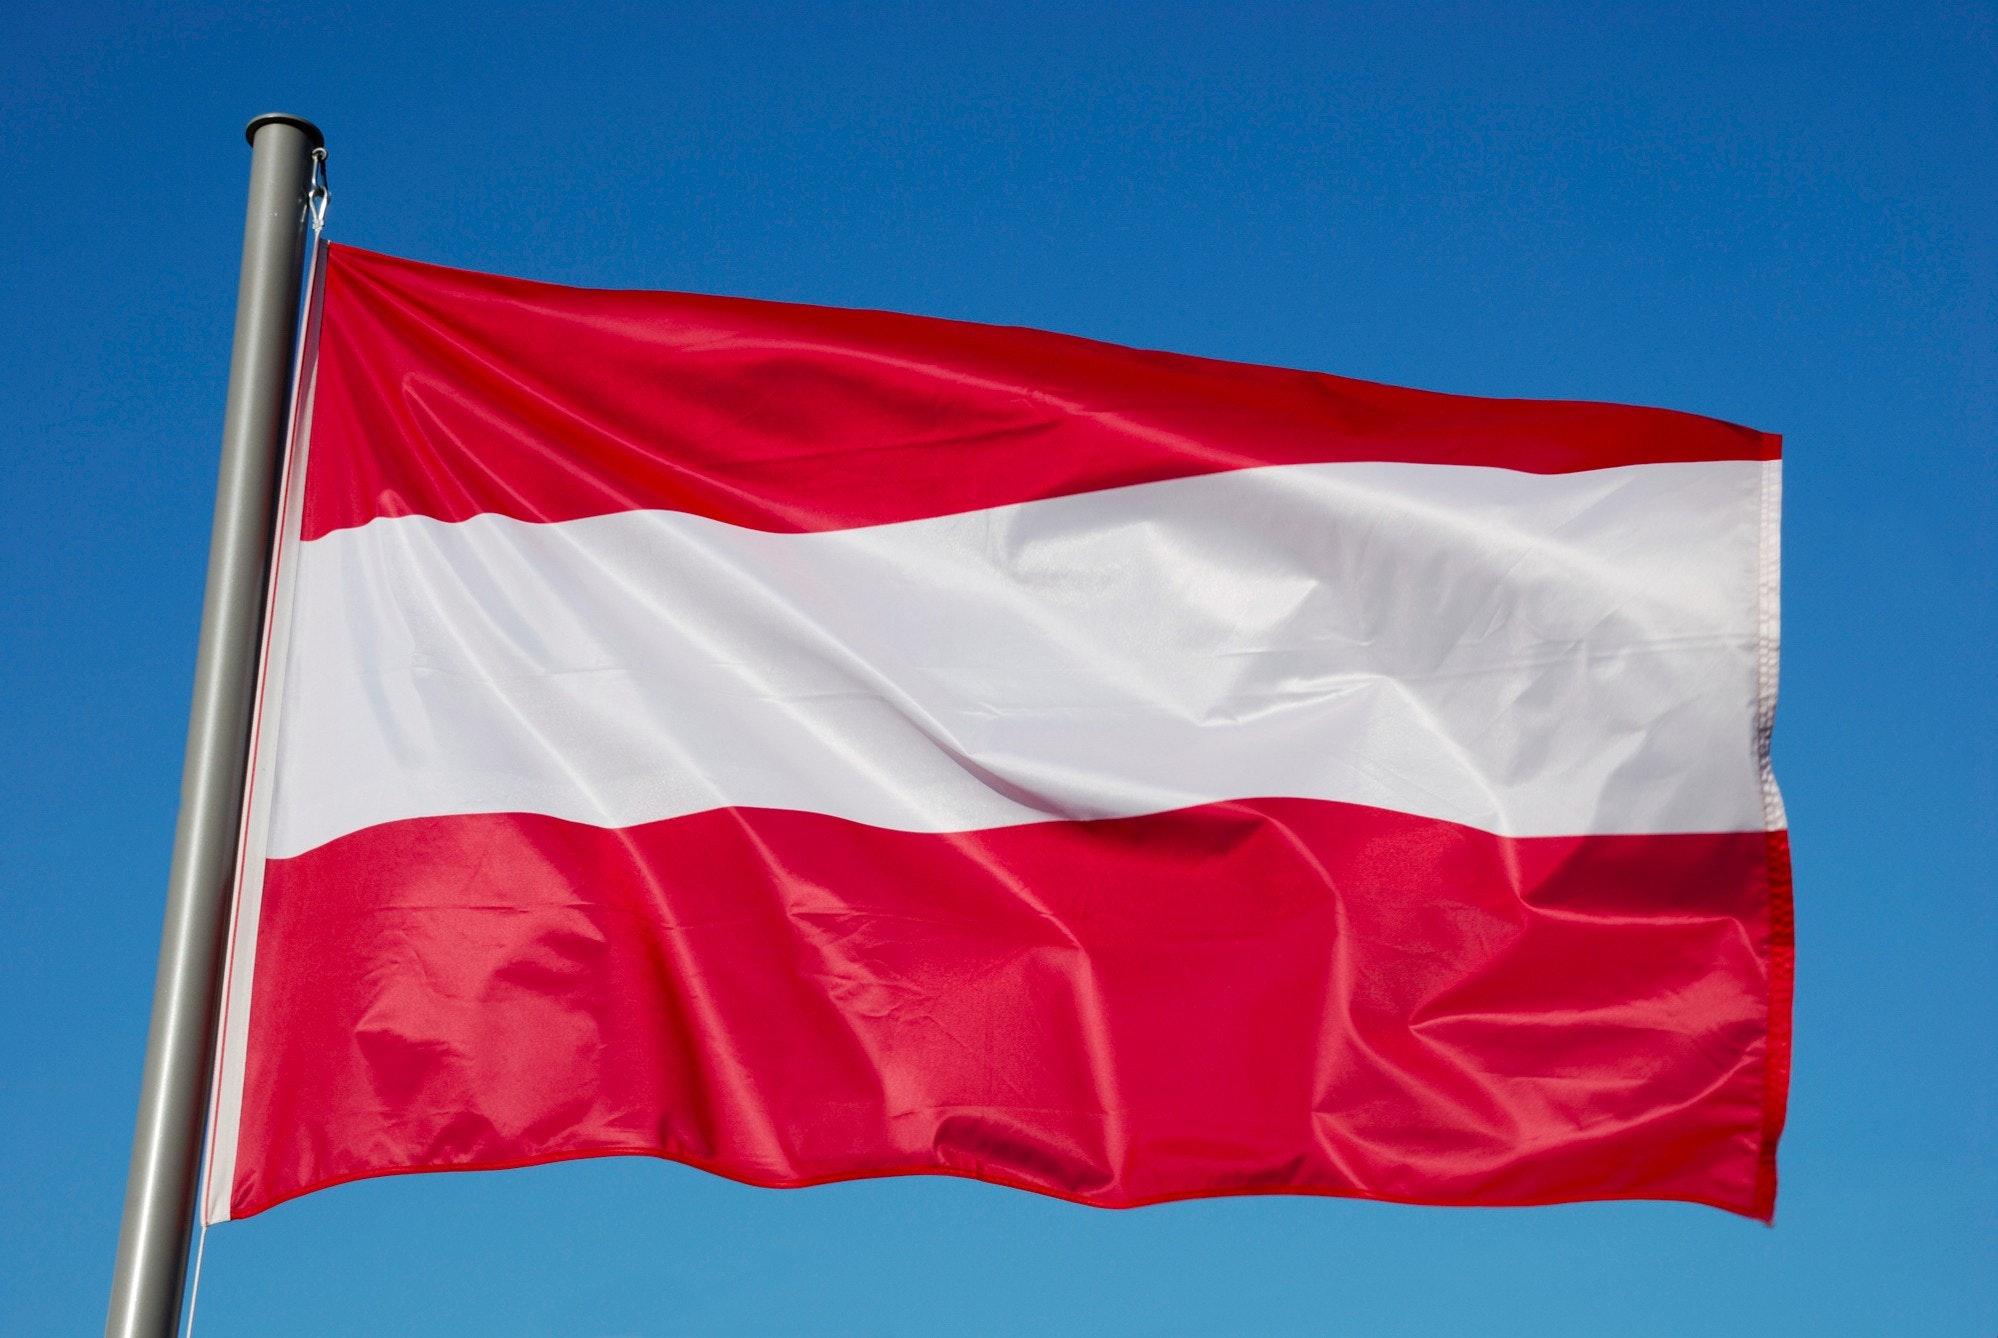 An Austrian Court ordered Facebook to censor speech worldwide